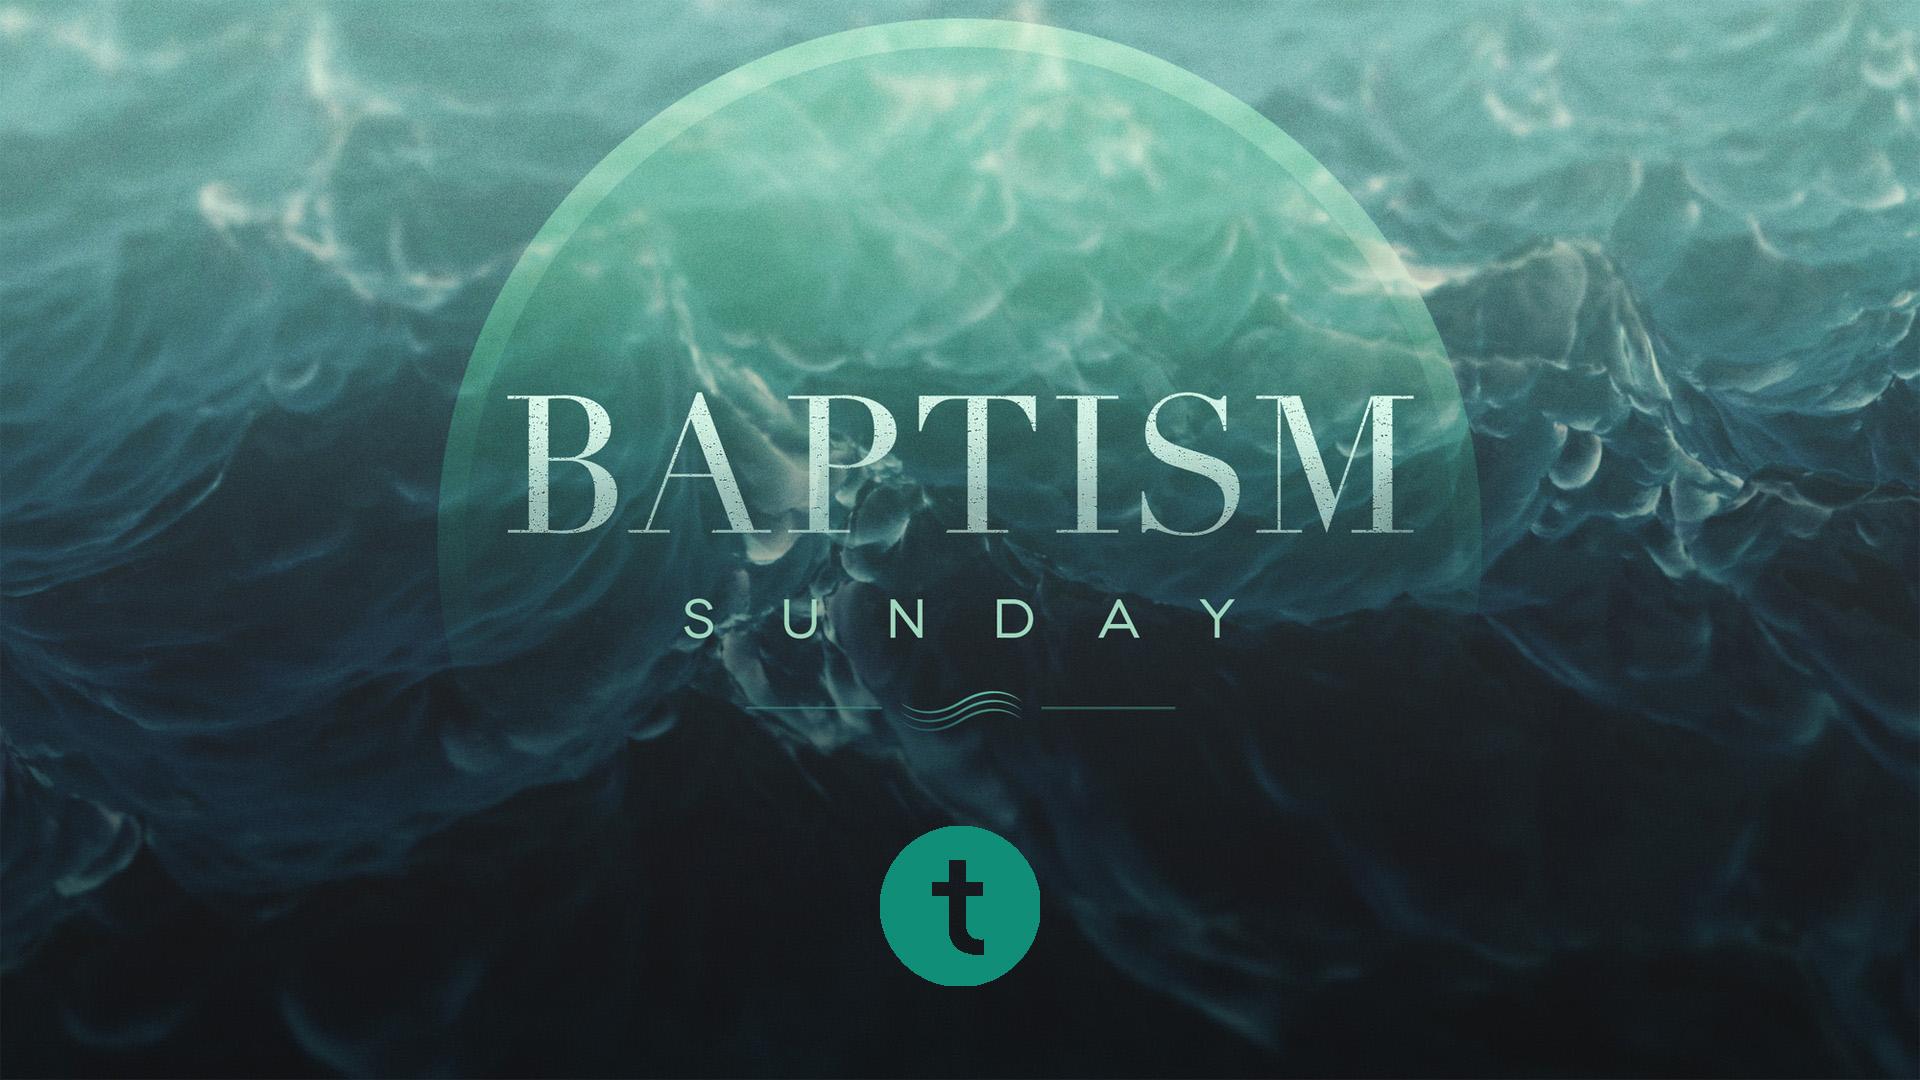 baptism_waves_baptism-title-1-Wide 16x9.jpg